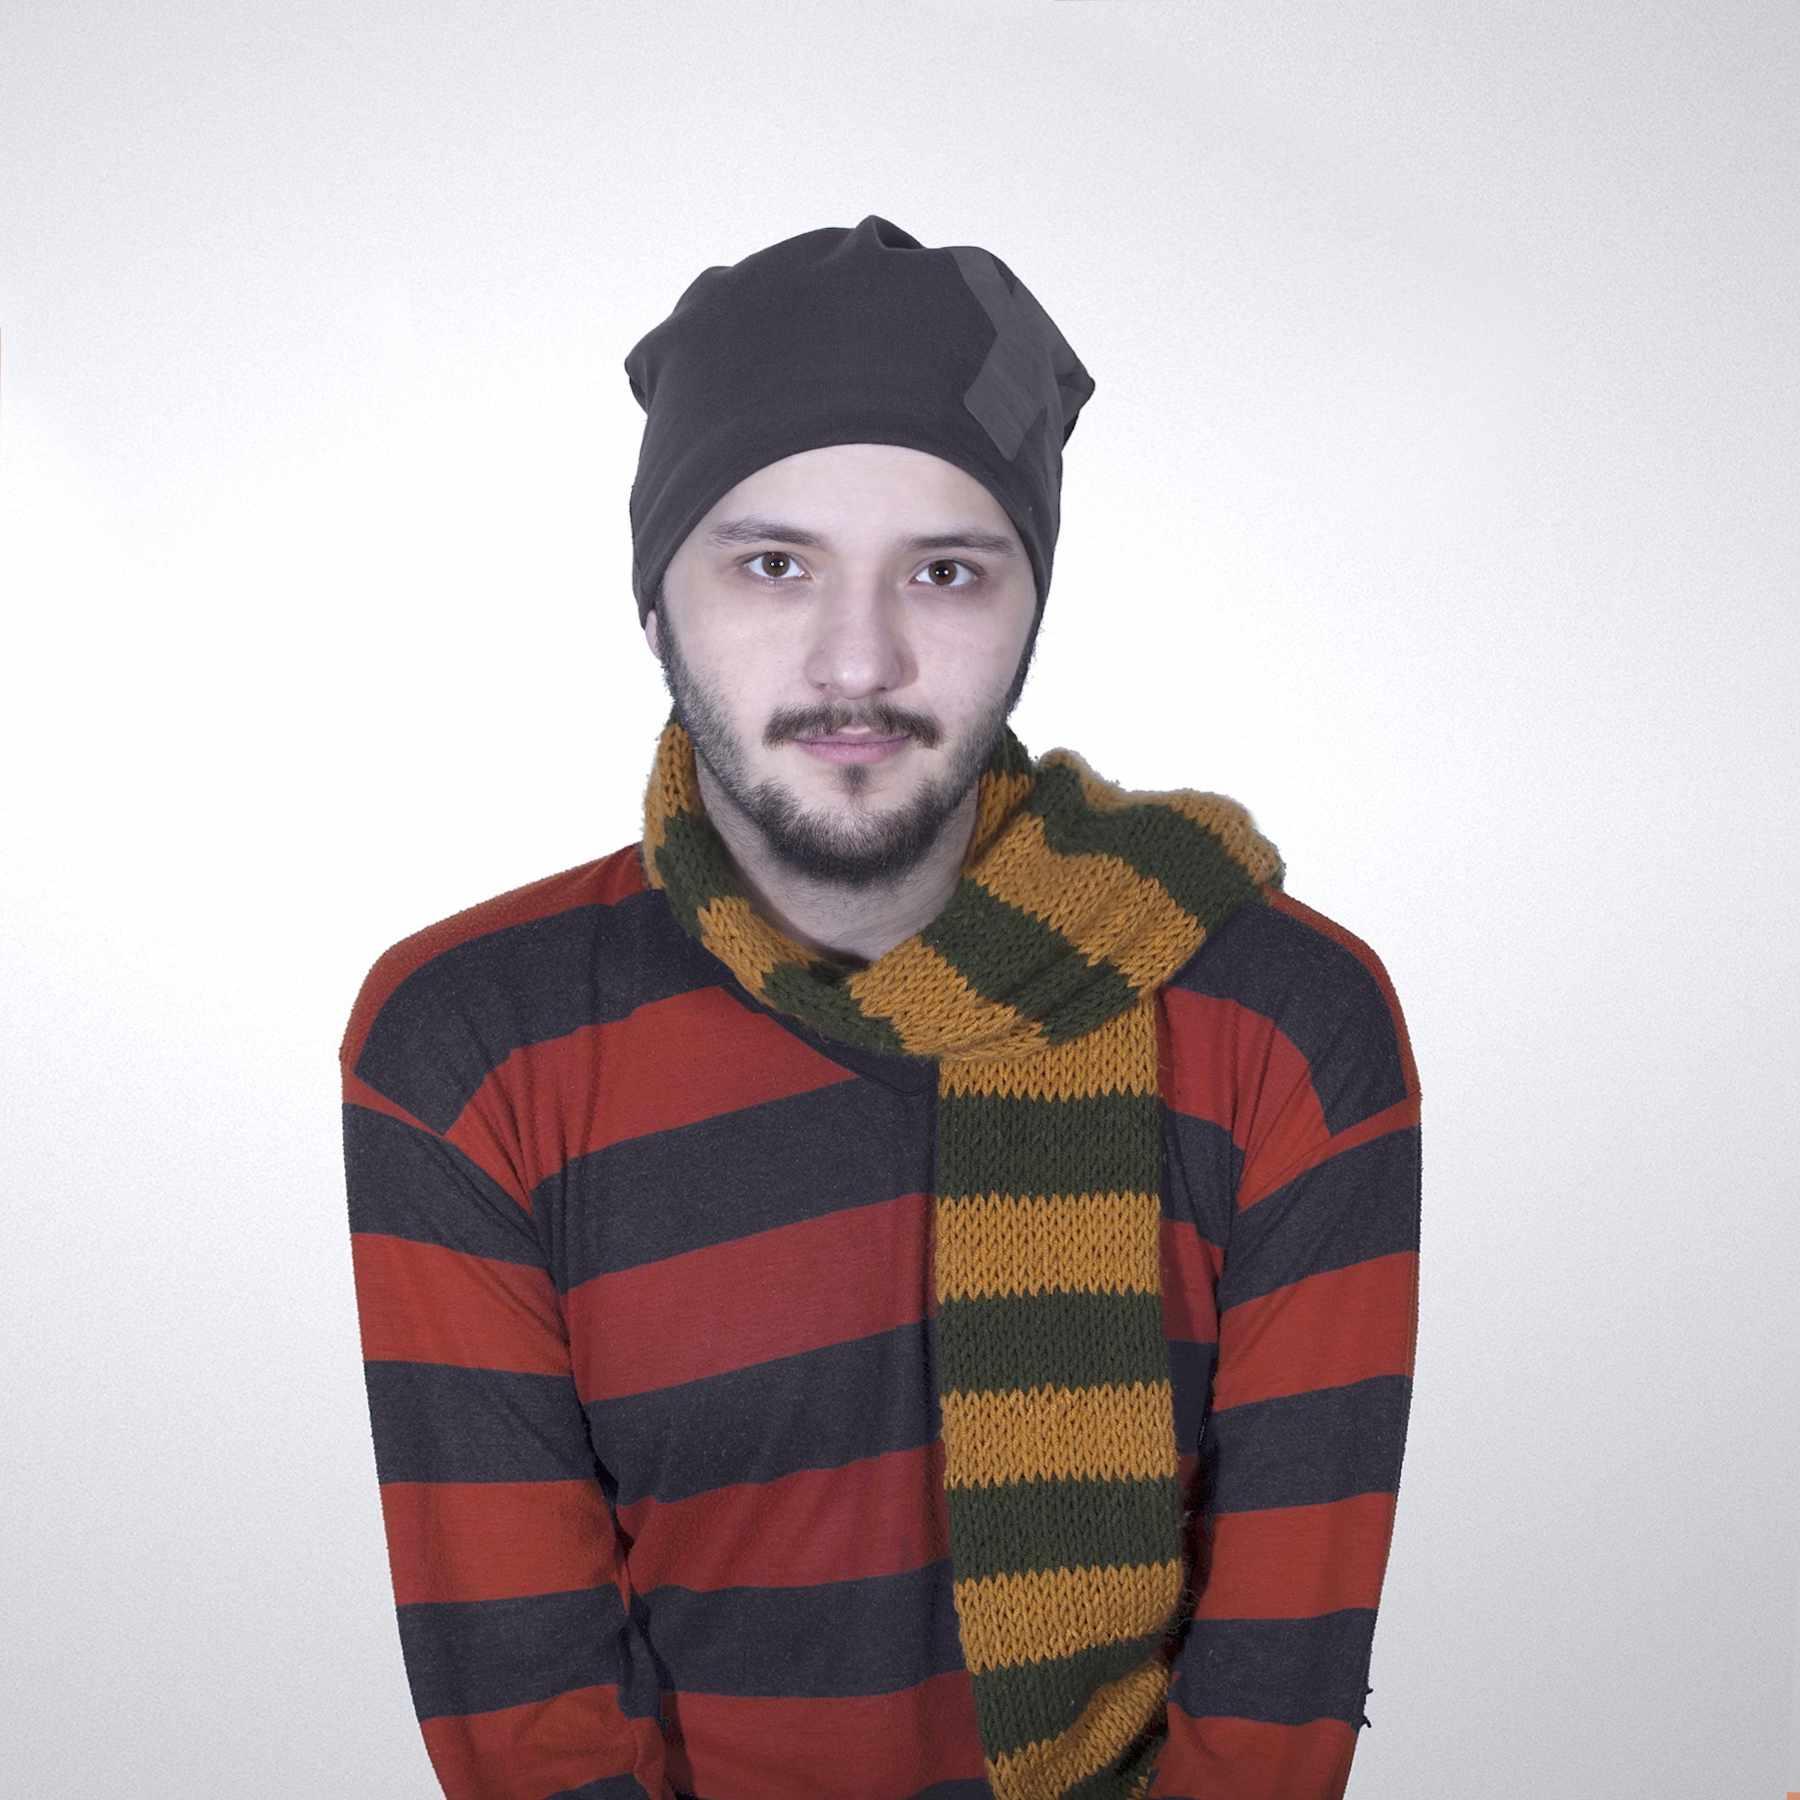 Pedram Babaiee